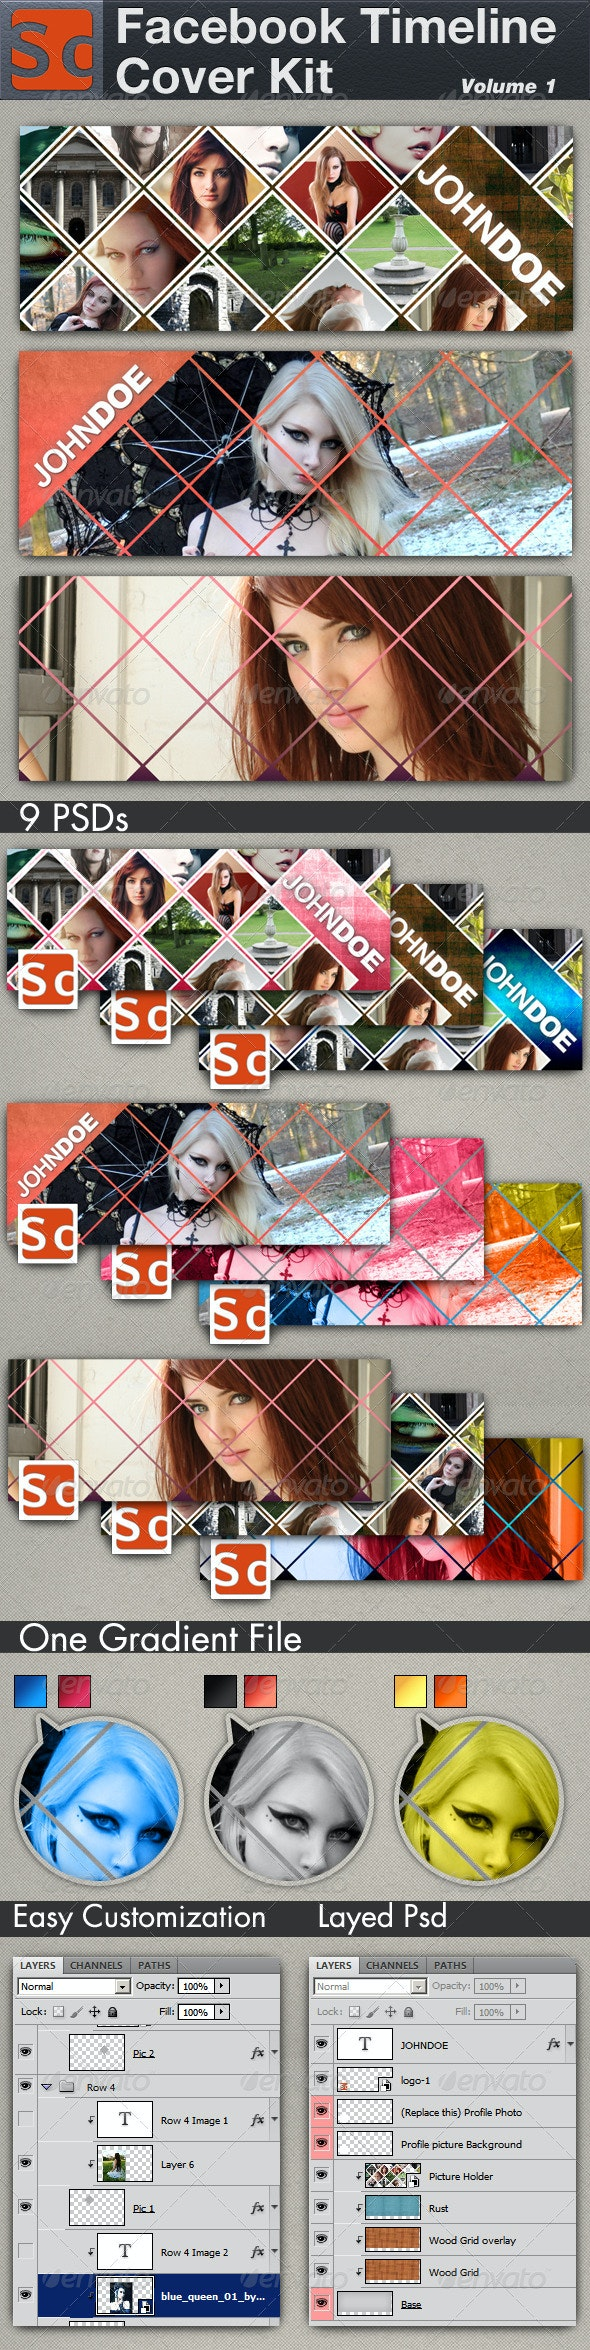 Facebook Timeline Cover Kit Volume 1 - Facebook Timeline Covers Social Media